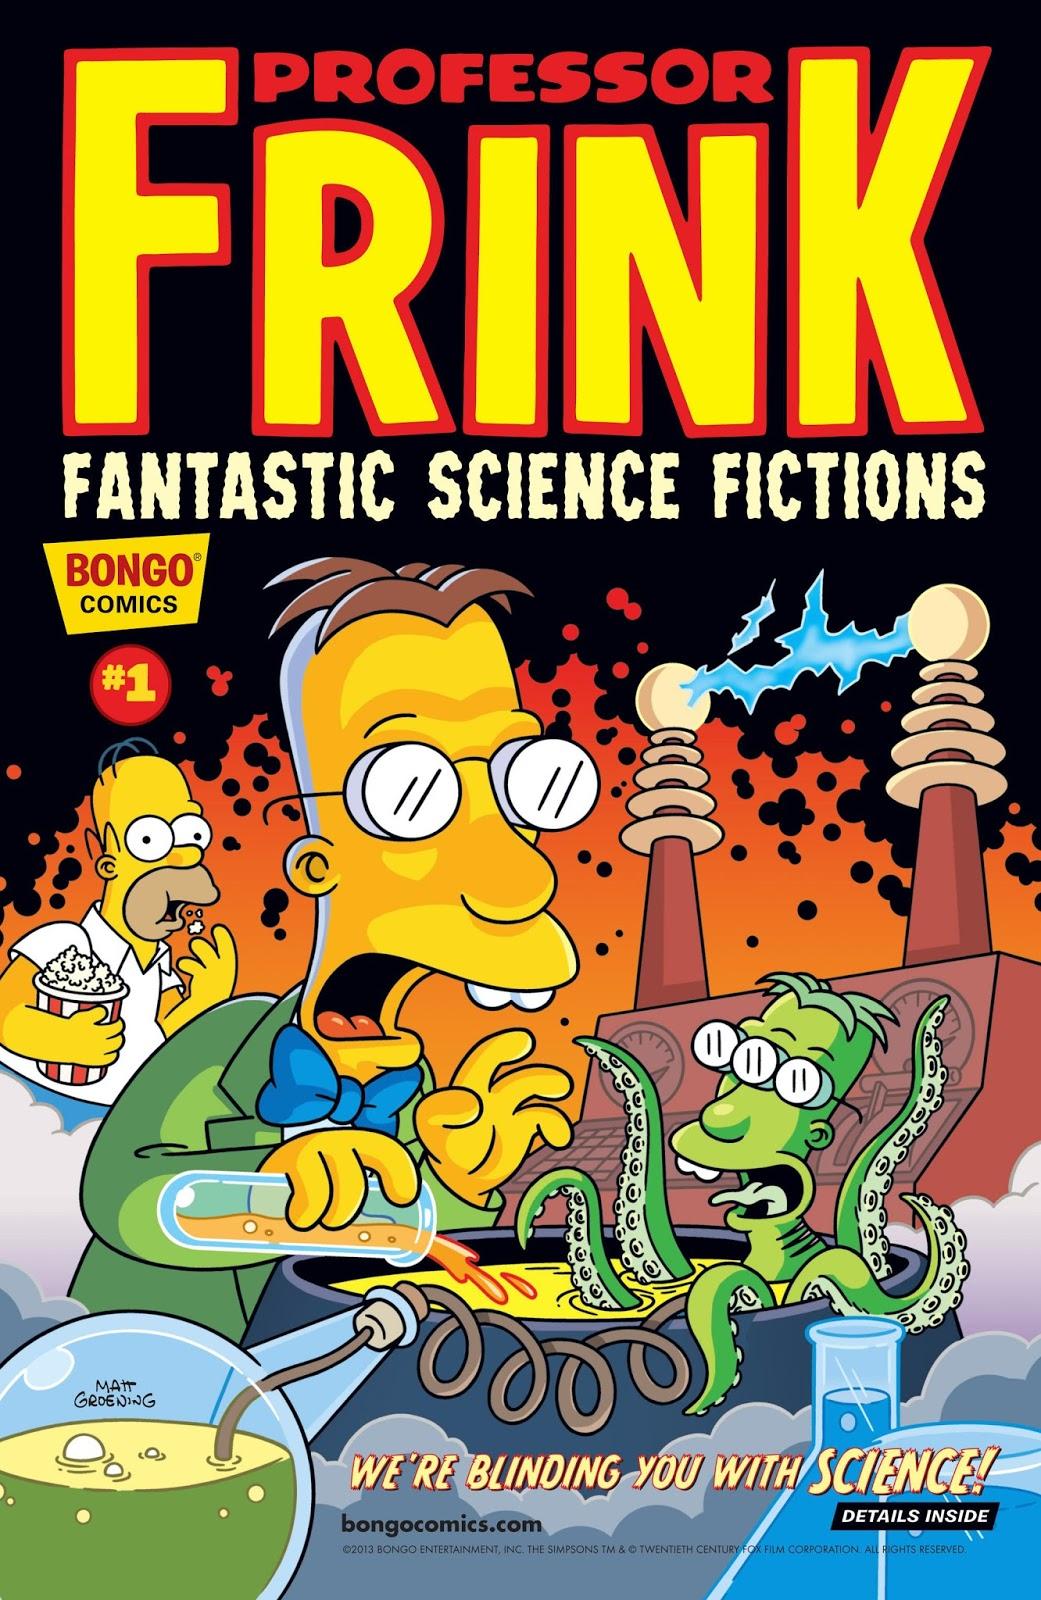 Bongo Comics Simpsons Related 1993 2015 Ongoing